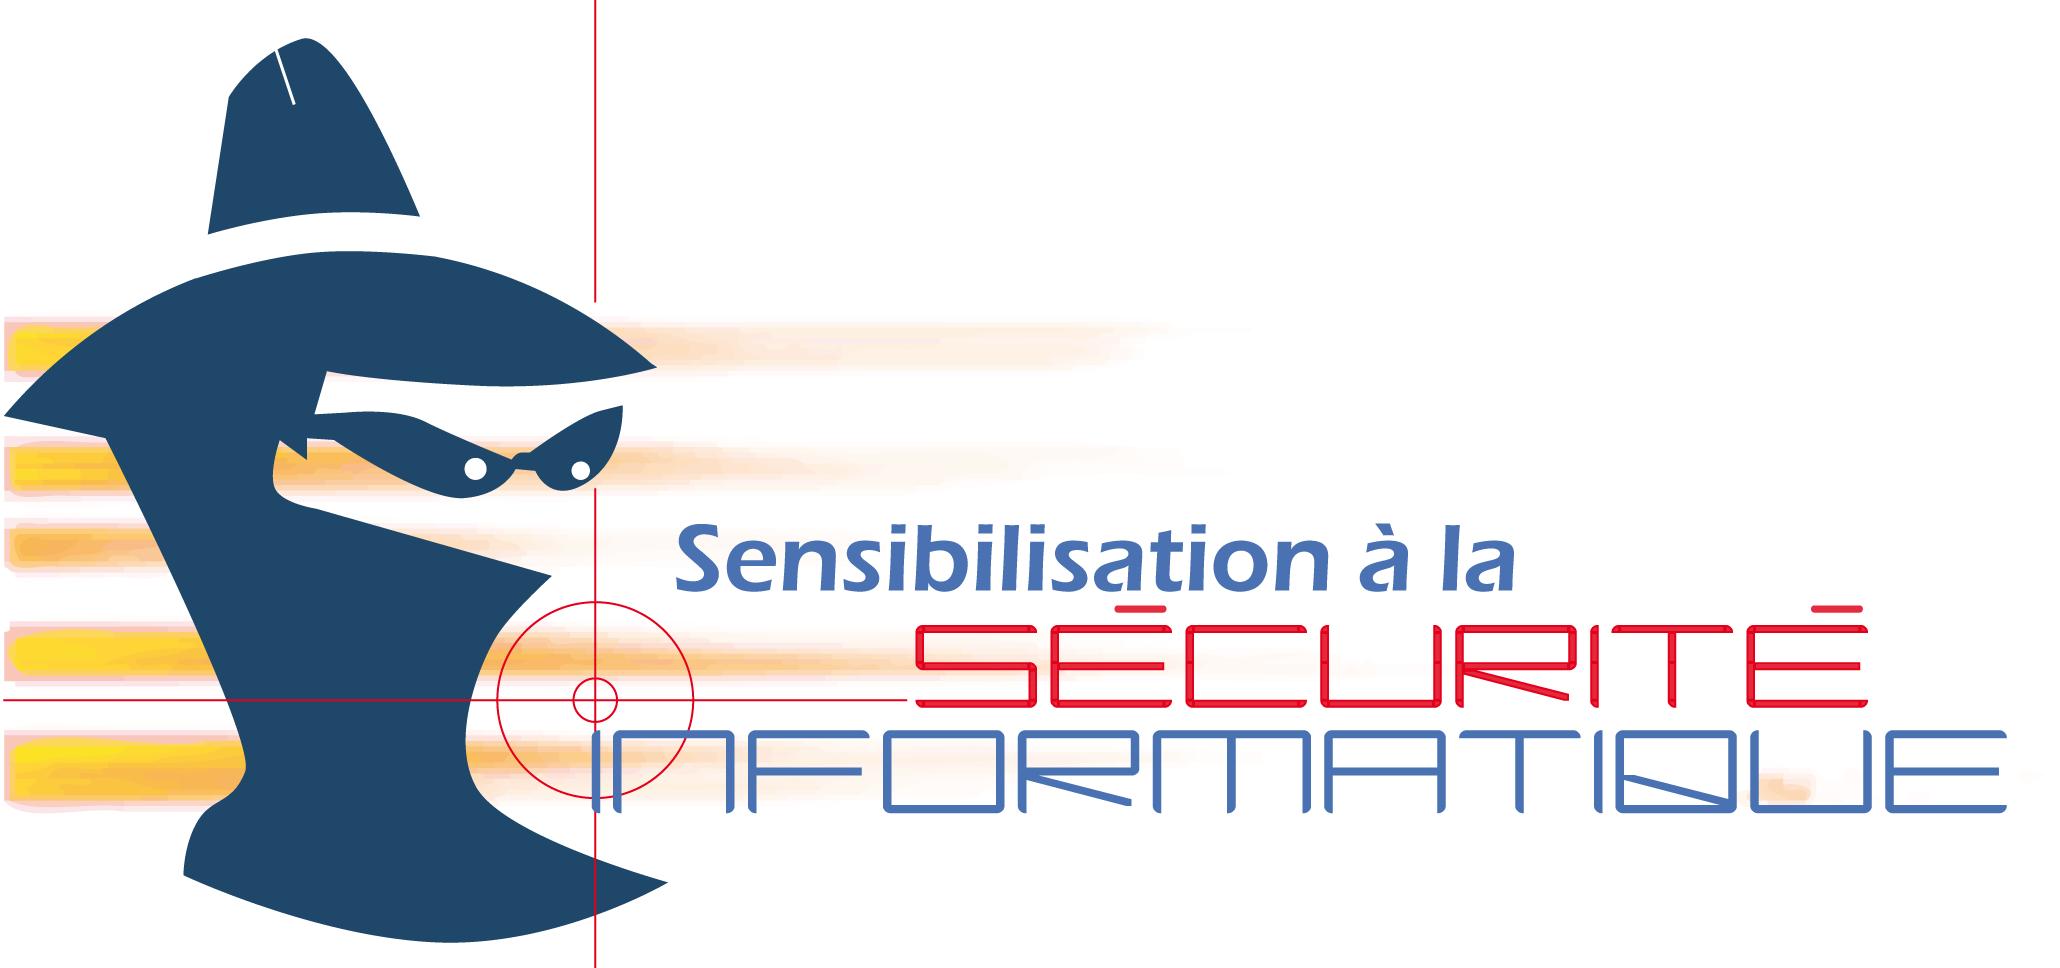 Sensibilisation à la sécurité informatique